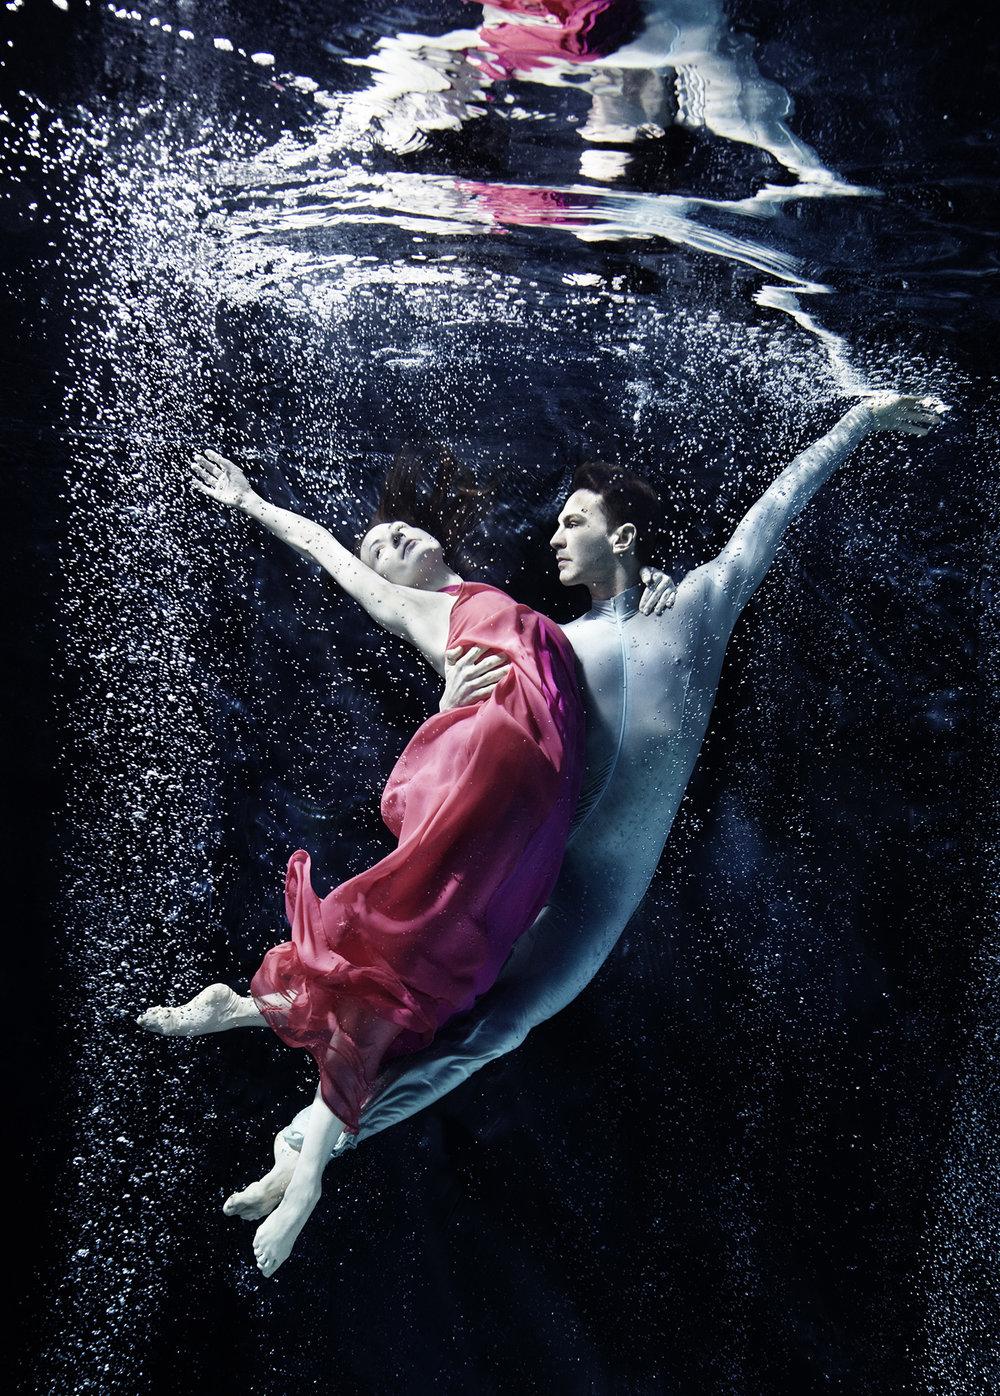 Susanne Stemmer underwater ballet